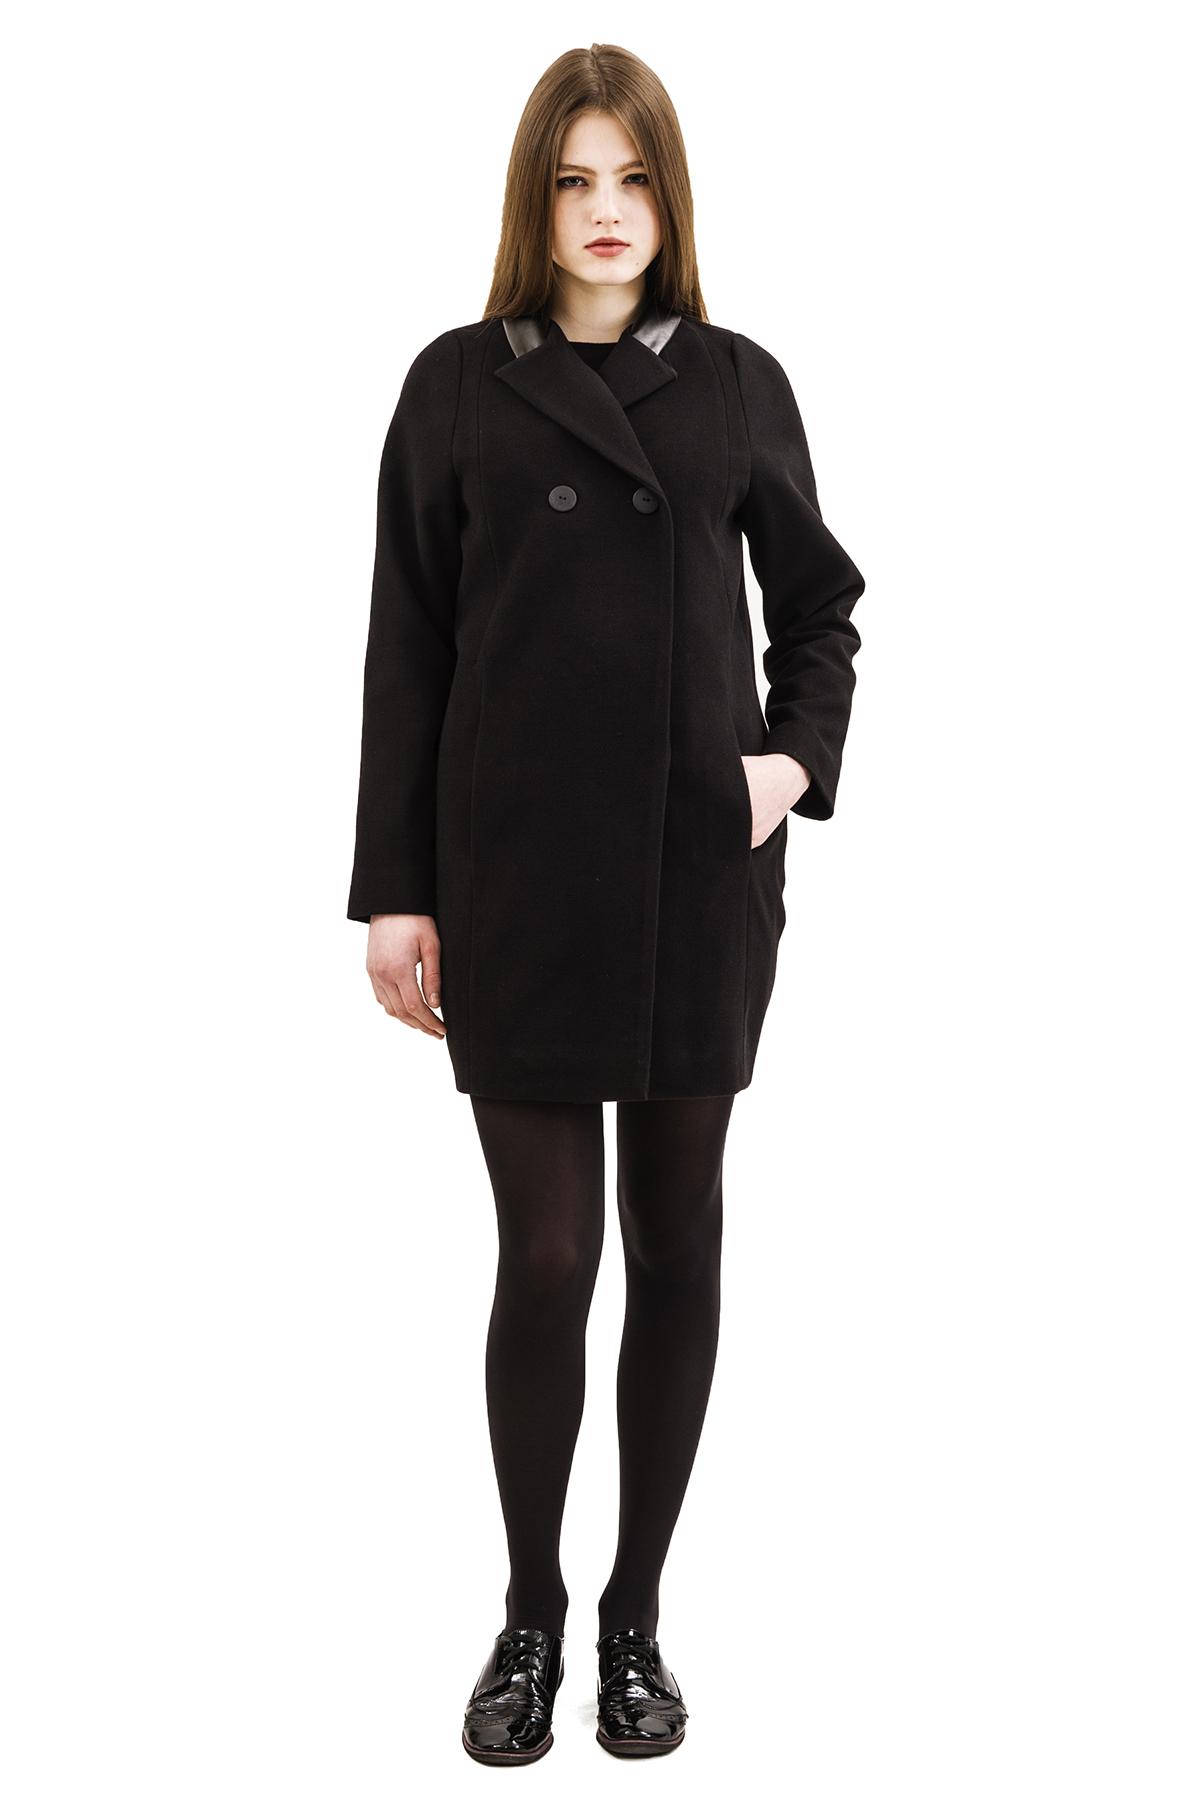 ПальтоЖенские куртки, плащи, пальто<br>Bосхитительный вариант для тех, кто предпочитает стильные решения - элегантное пальтоDoctor Eсдержанного модного дизайна, который подчеркнет Ваш безупречный вкус.<br><br>Цвет: черный<br>Состав: 15% шерсть, 2%эластан, 18%вискоза ,65% полиэстер<br>Размер: 40,44,48,50,52,54,56,58,60<br>Страна дизайна: Россия<br>Страна производства: Россия